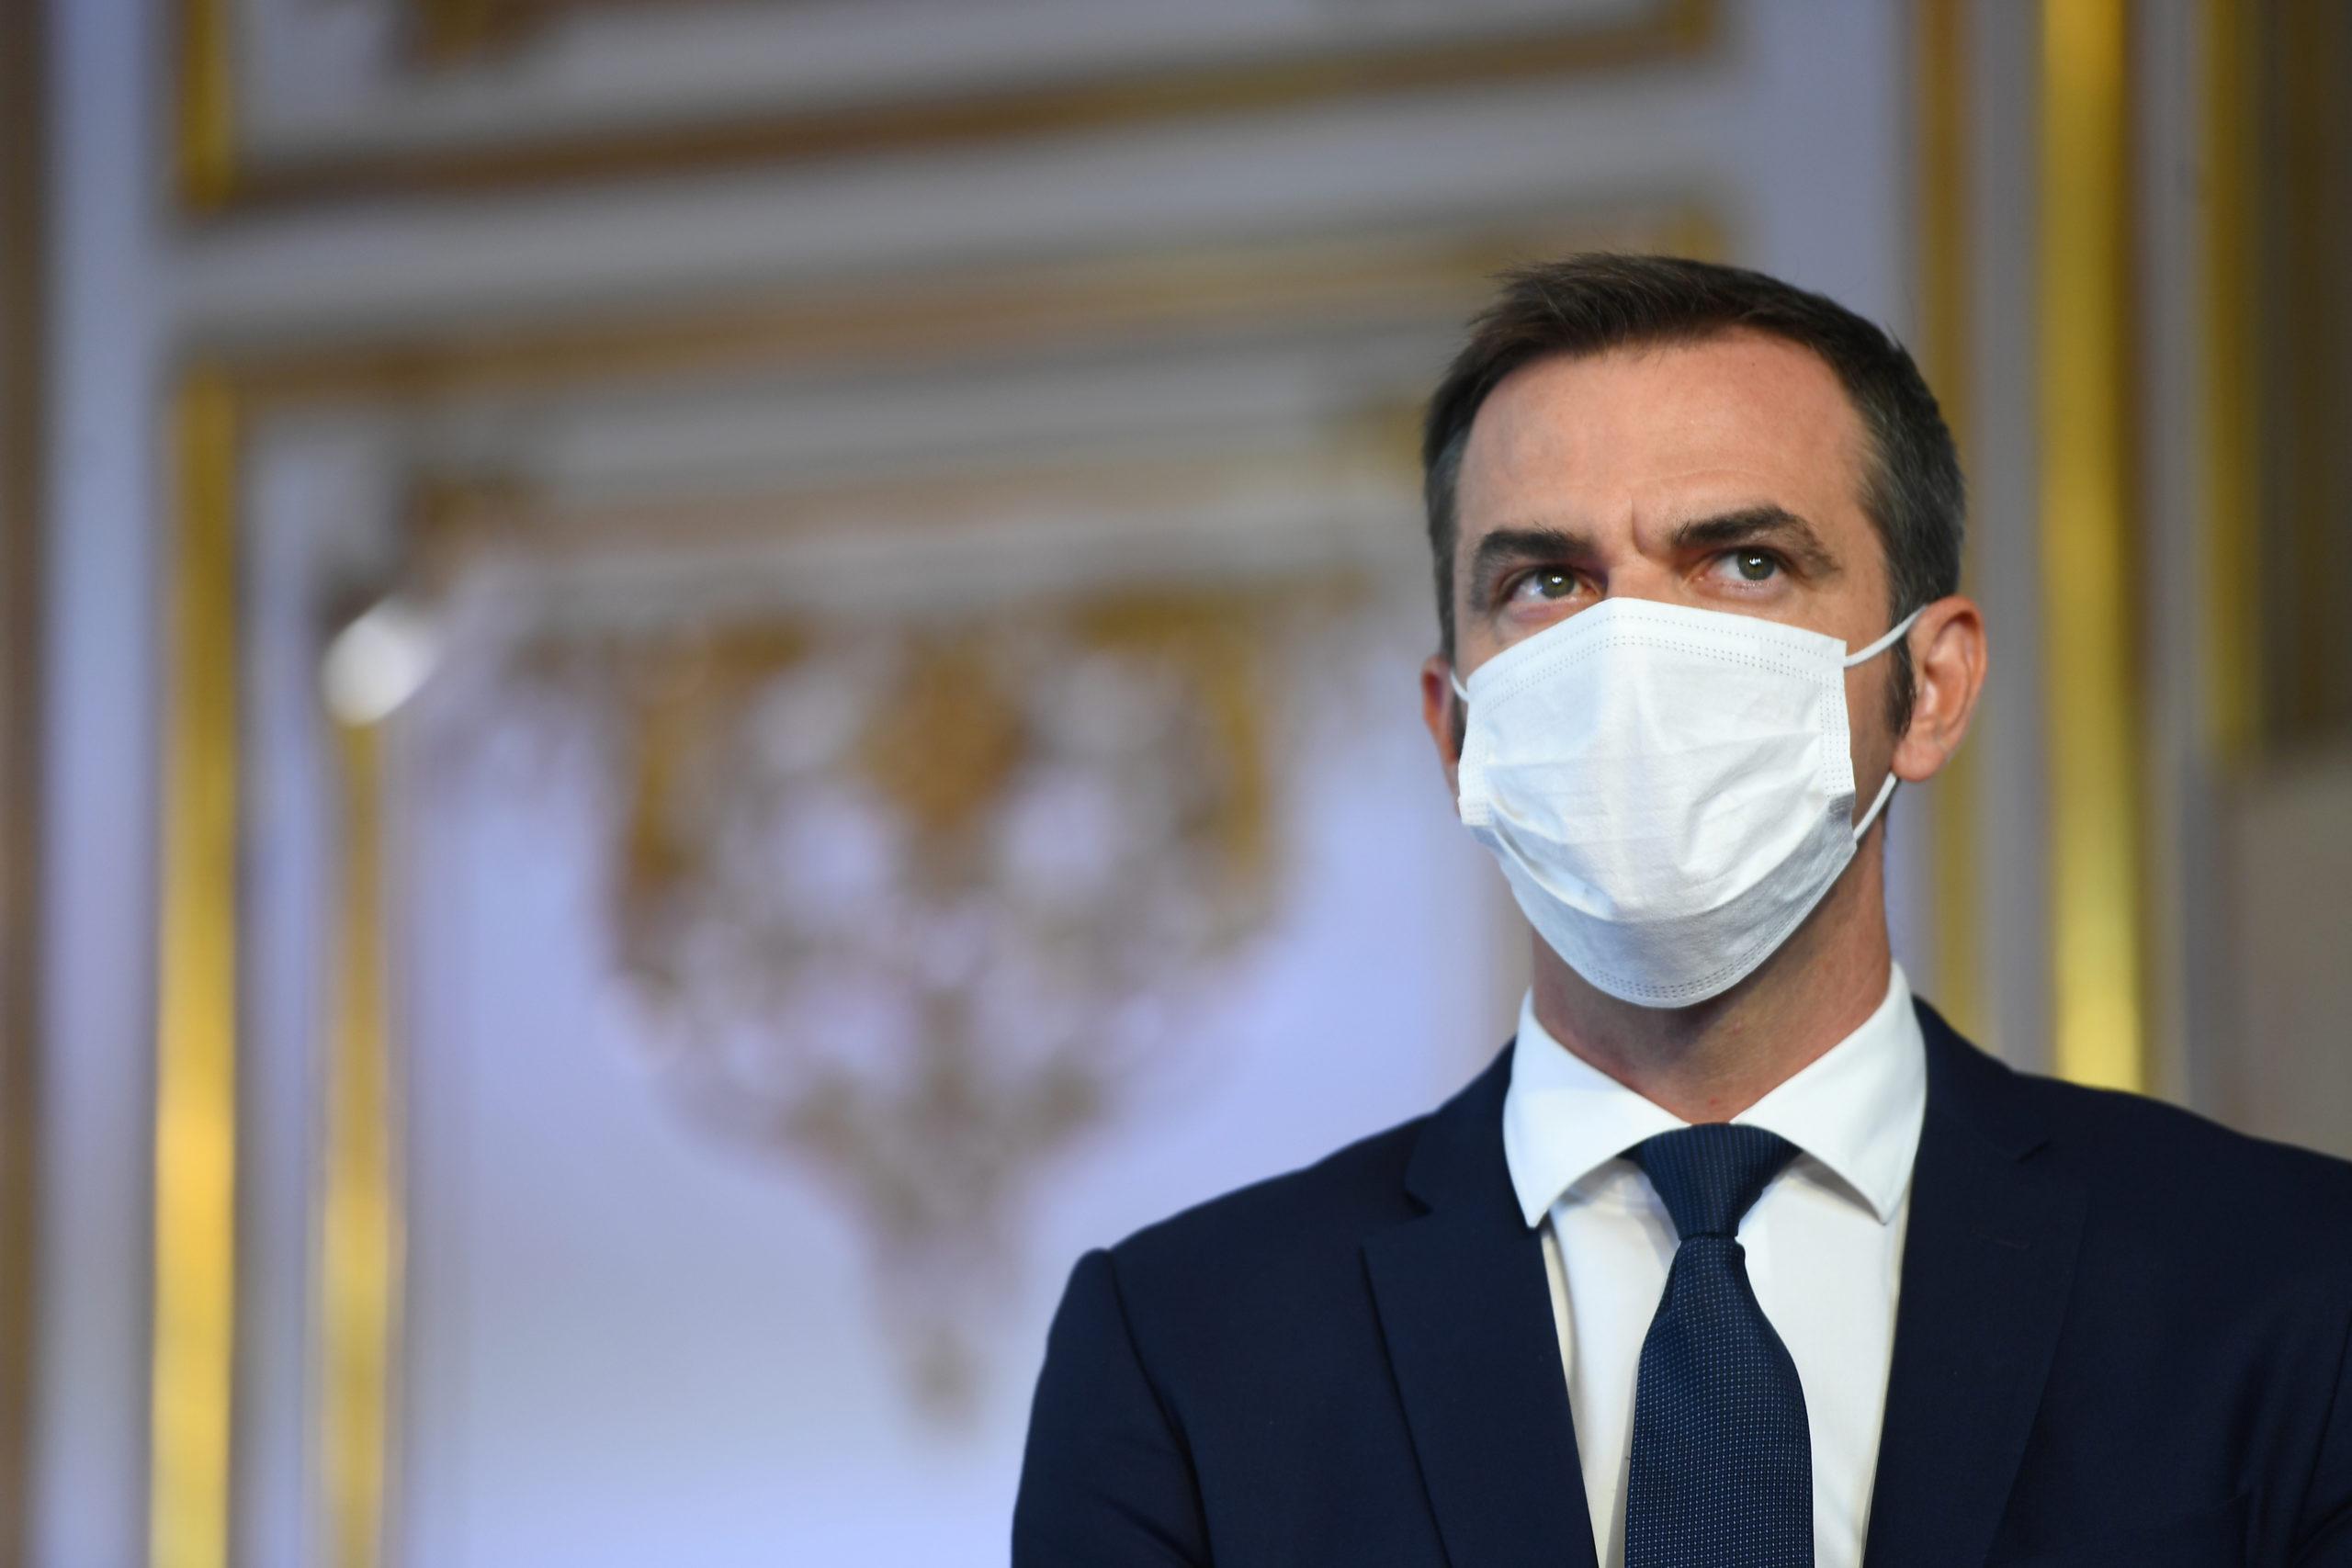 Coronavirus: Des mesures spécifiques pour Lyon et Nice d'ici samedi, dit Véran